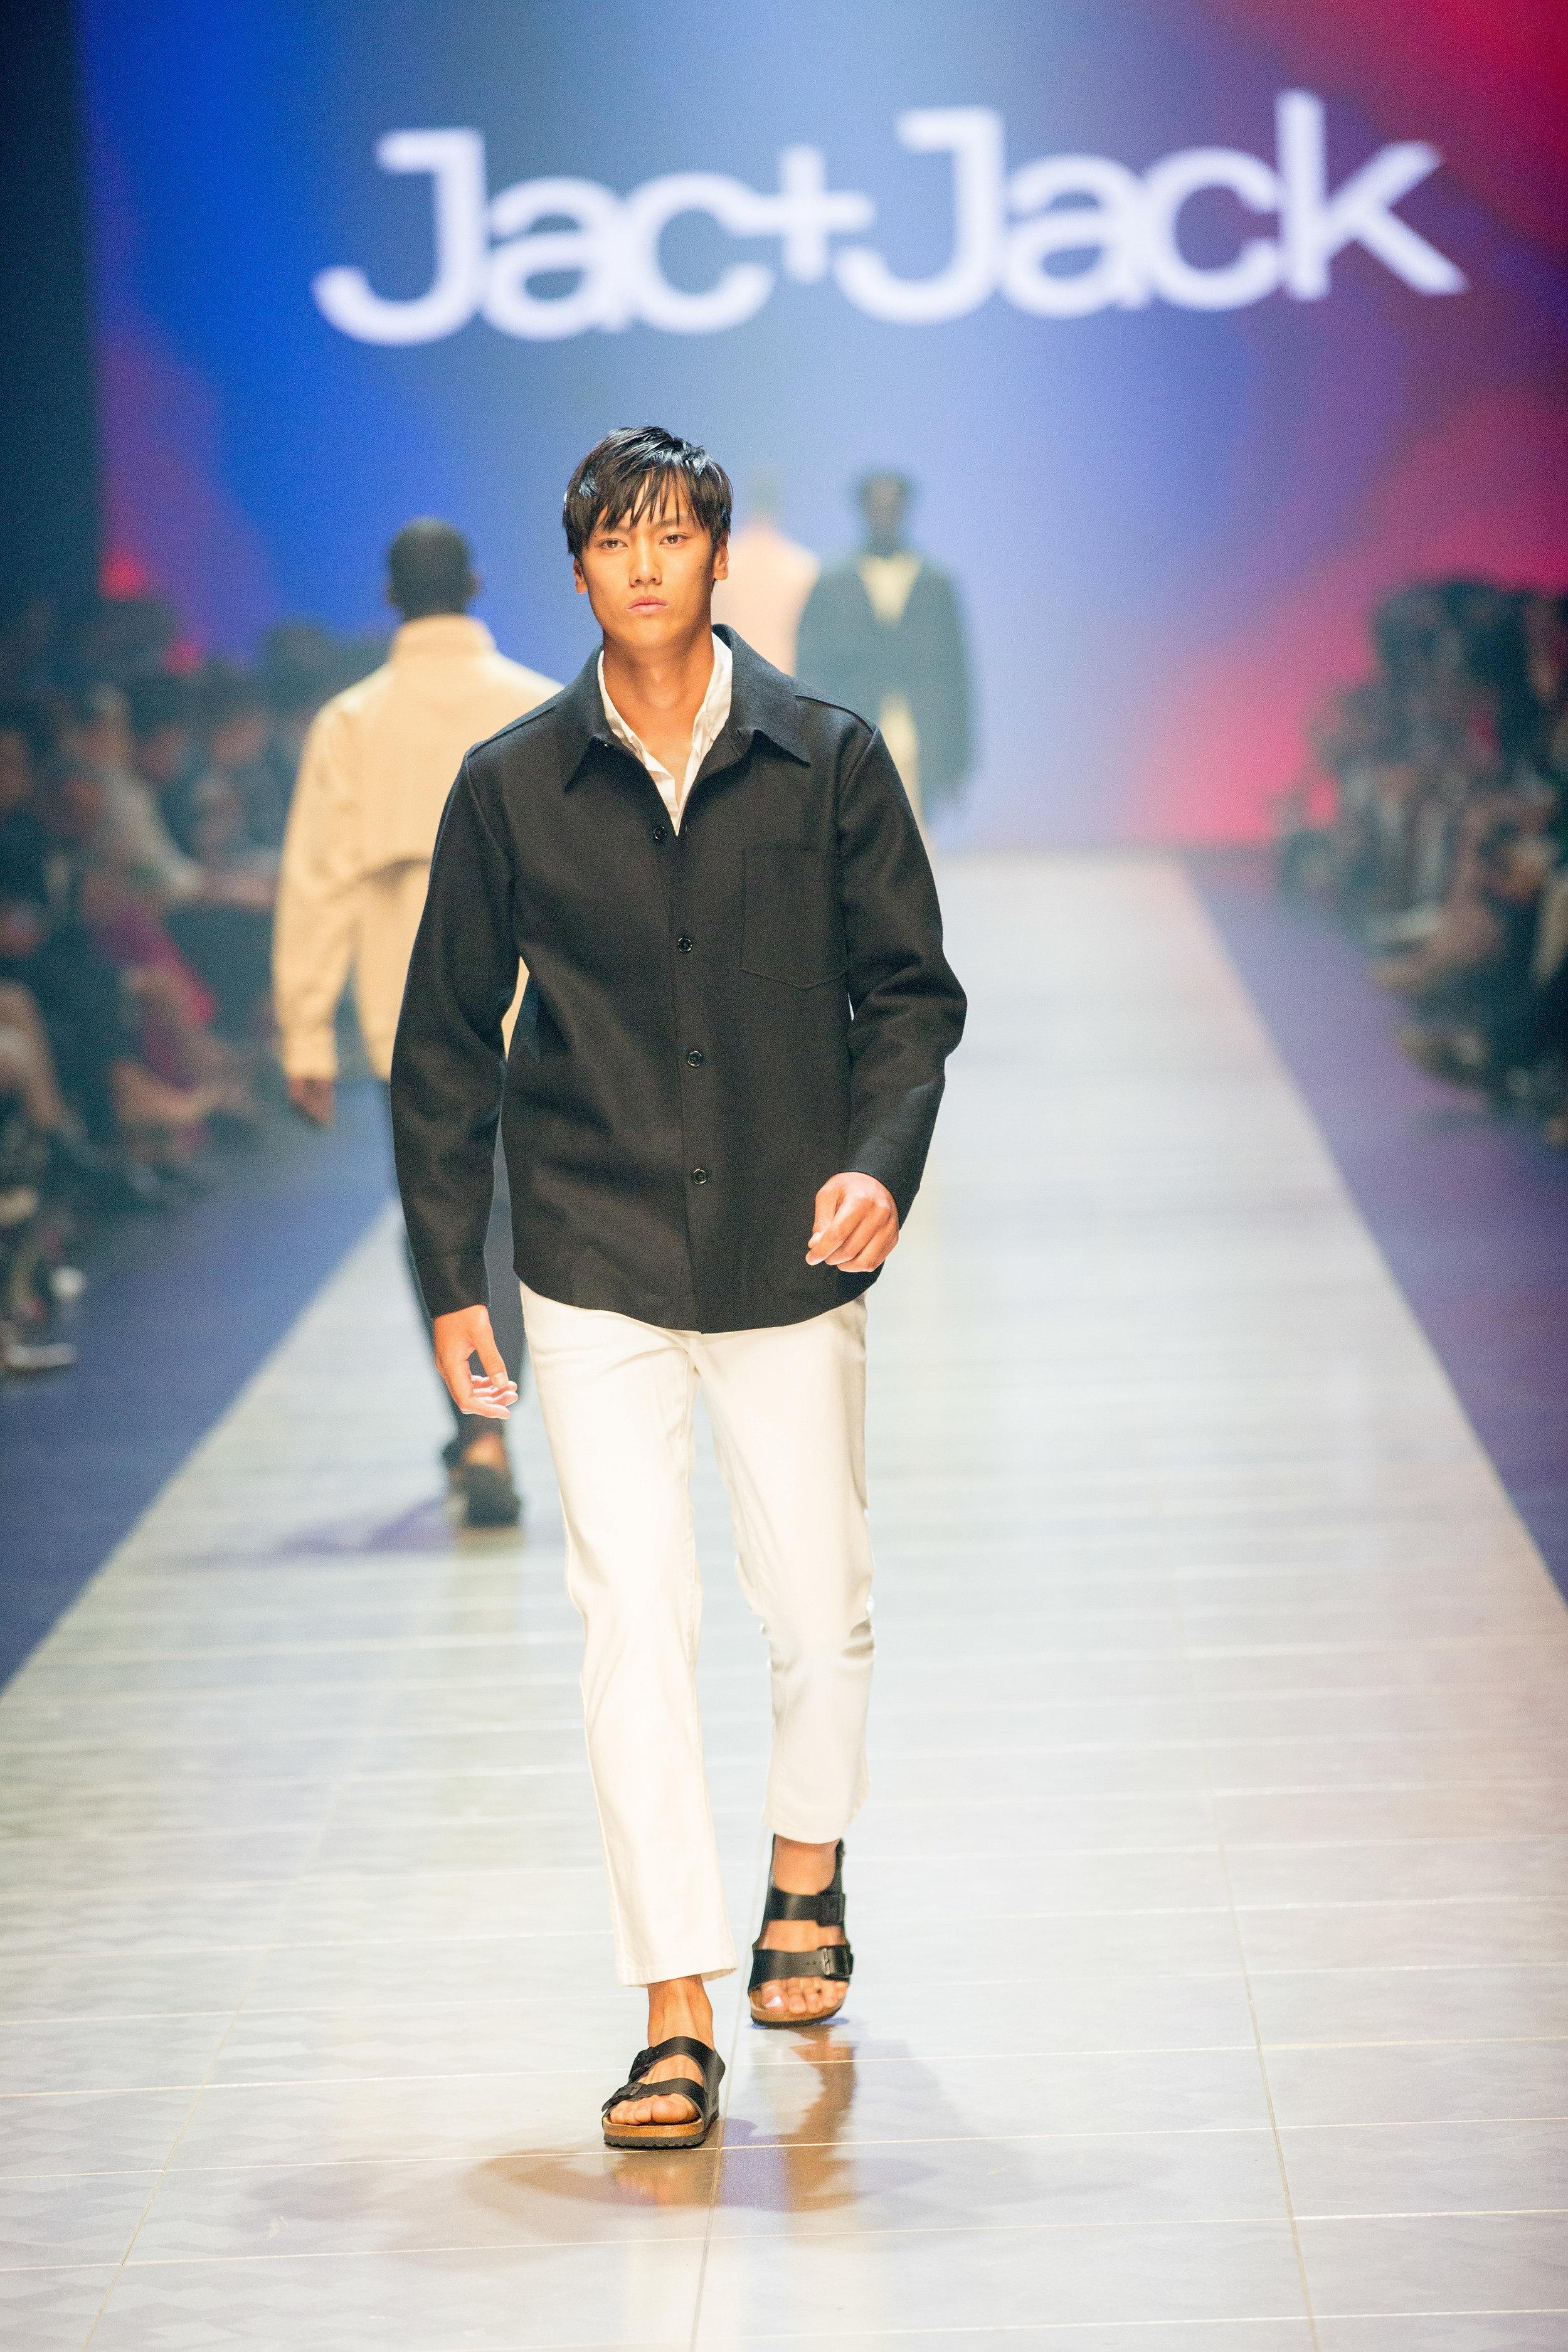 VAMFF2019_GQ Menswear-168.jpg